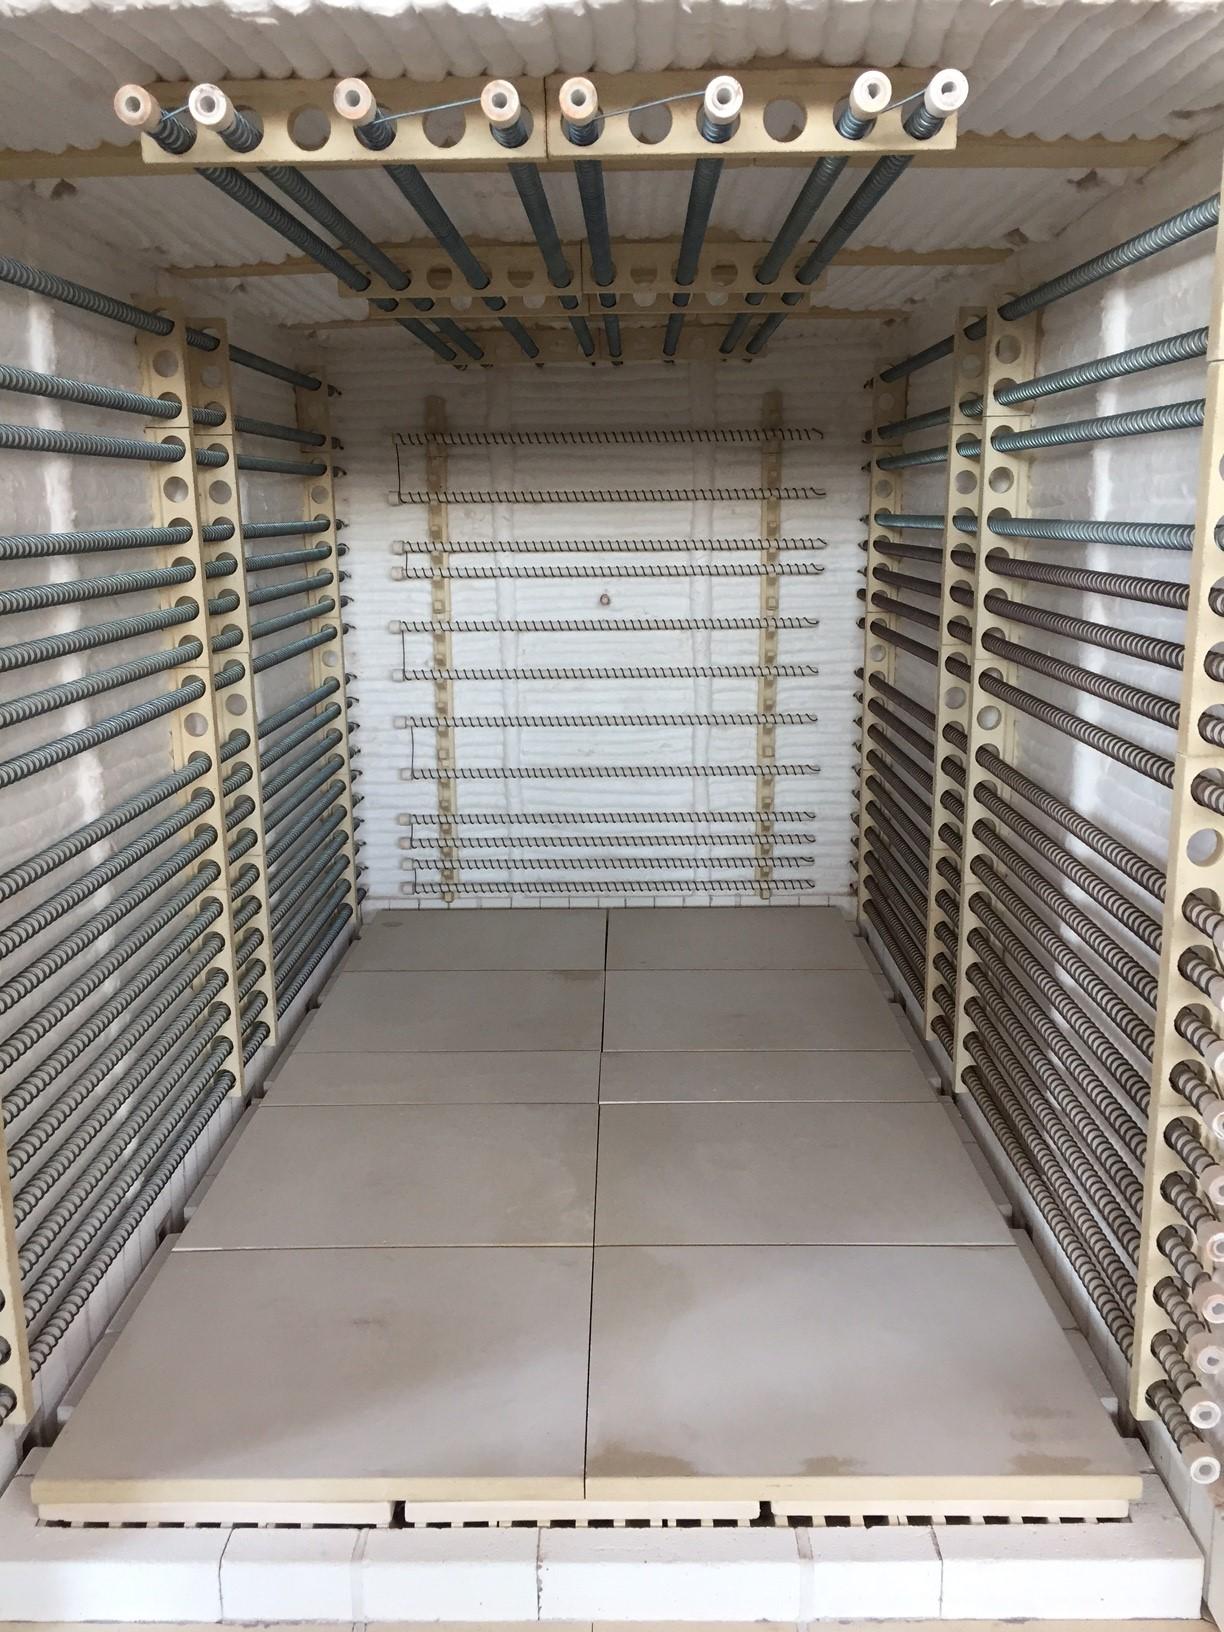 Forno industriale per Forno elettrico per vetro | Pagnotta Termomeccanica